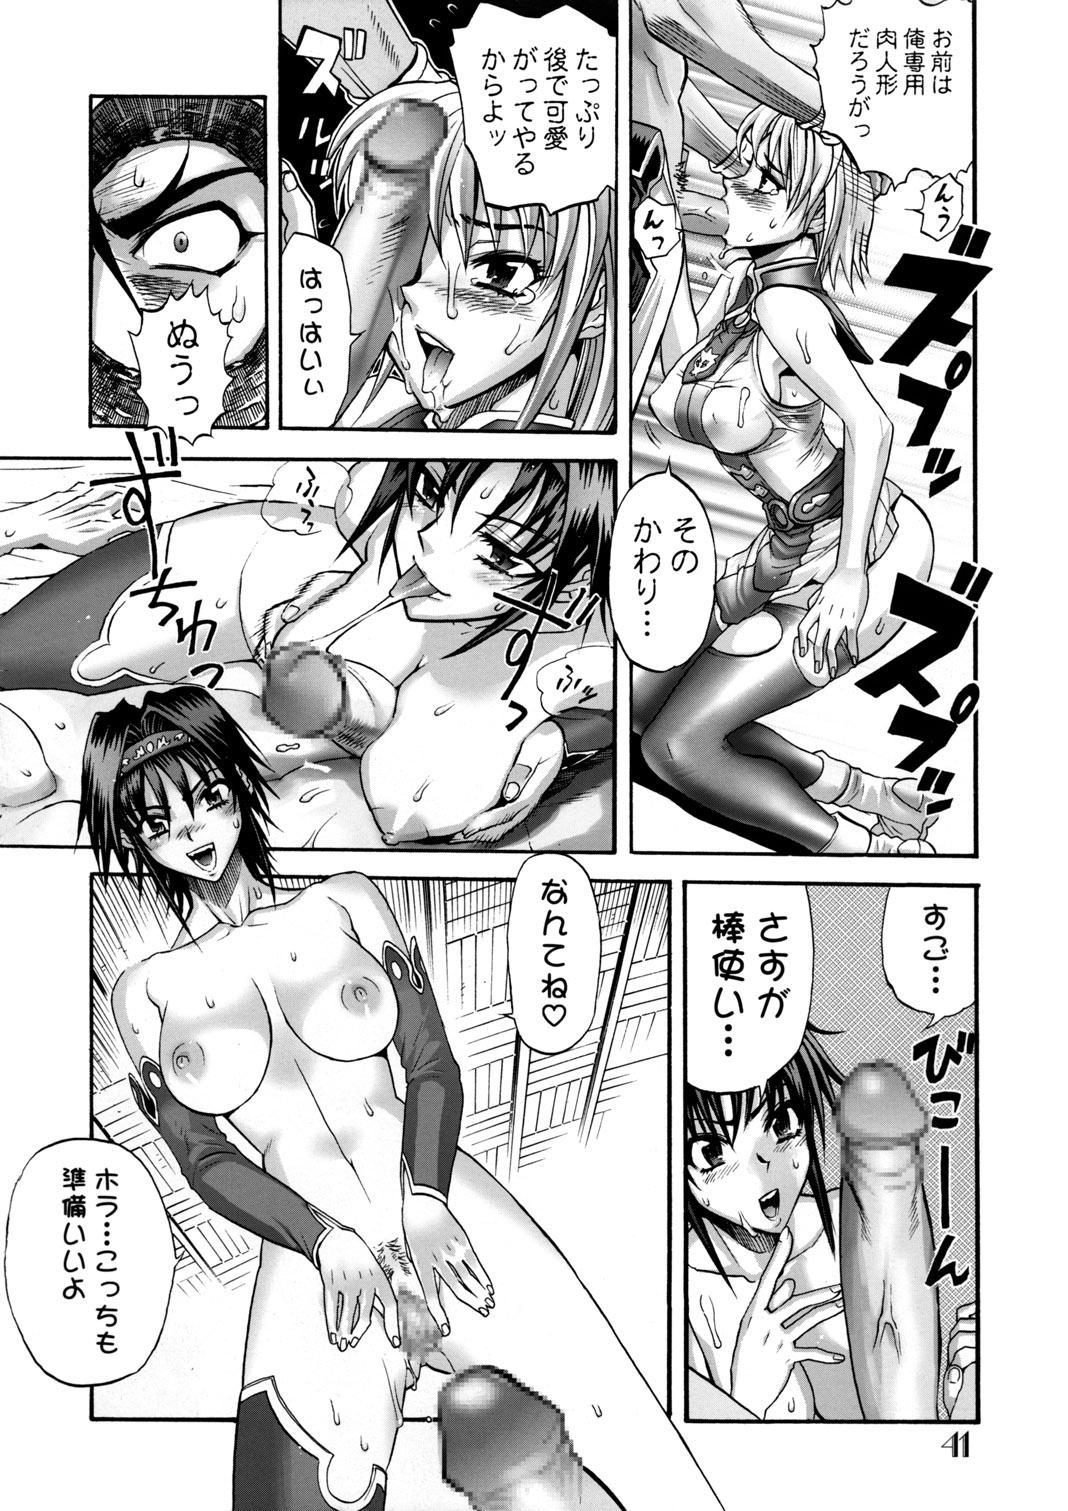 Slave Unit Vol.3 Hokka Hokka Musume 39